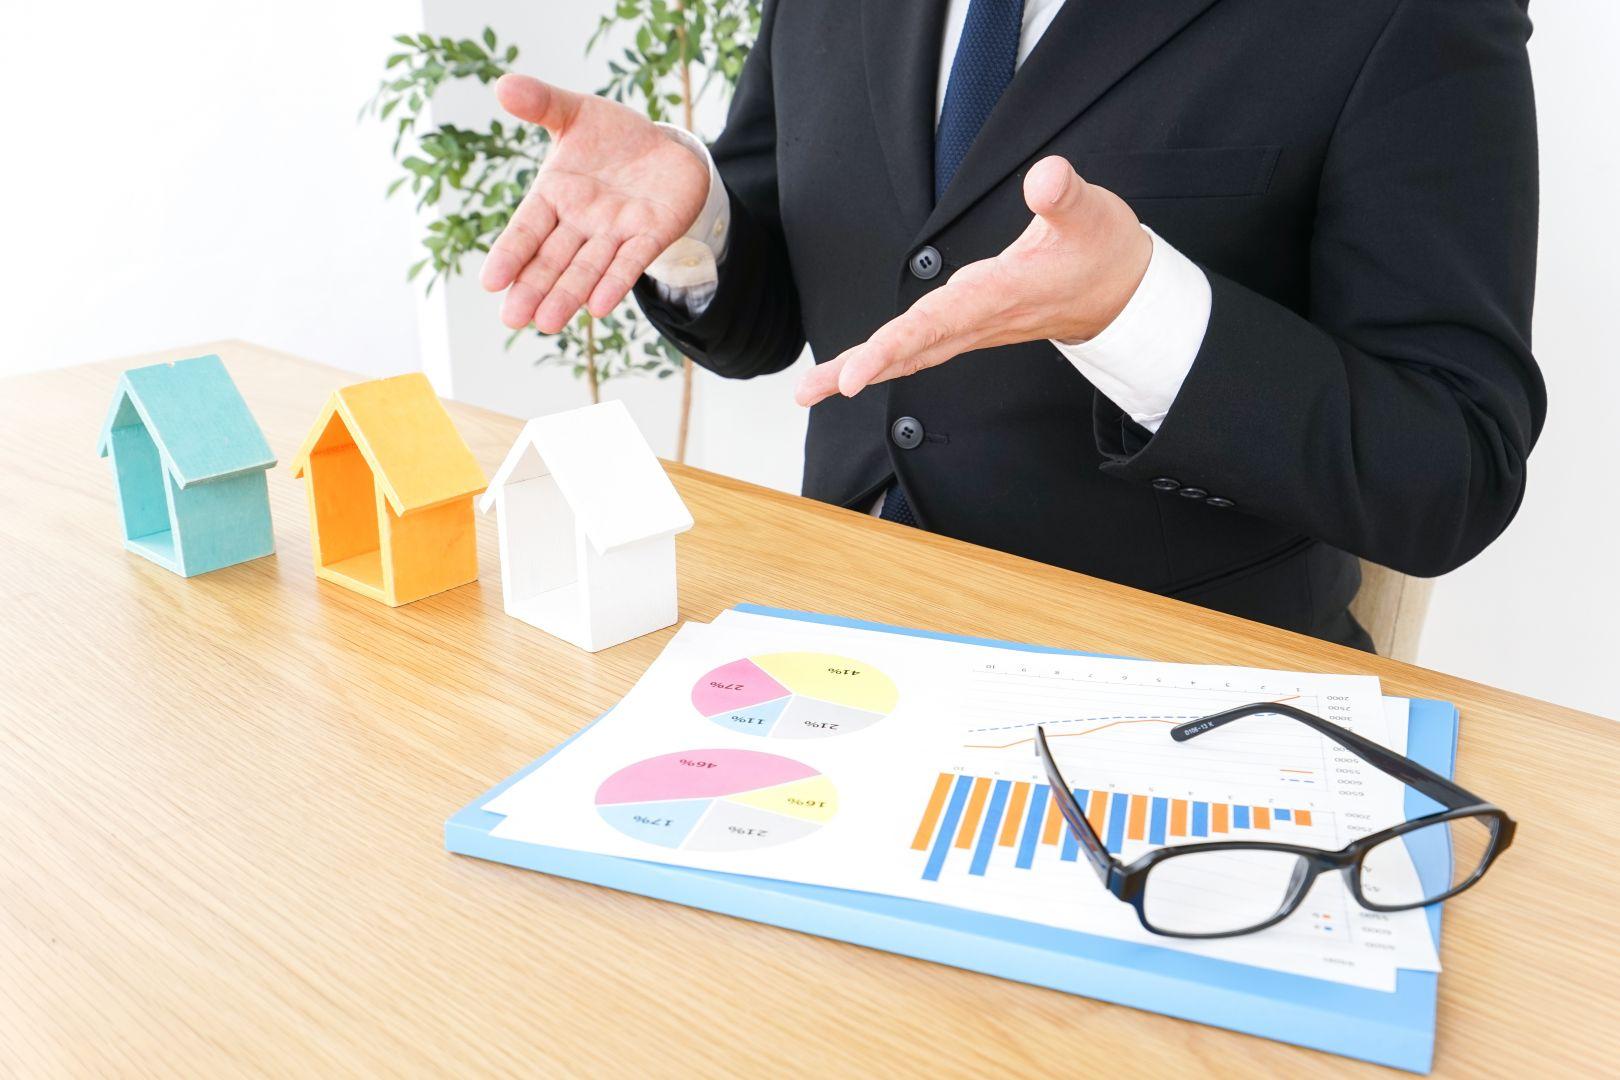 «Evaluation immobilière : comment comparer des bâtis «,  Caroline THEUIL juriste-rédacteur, expert immobilier.